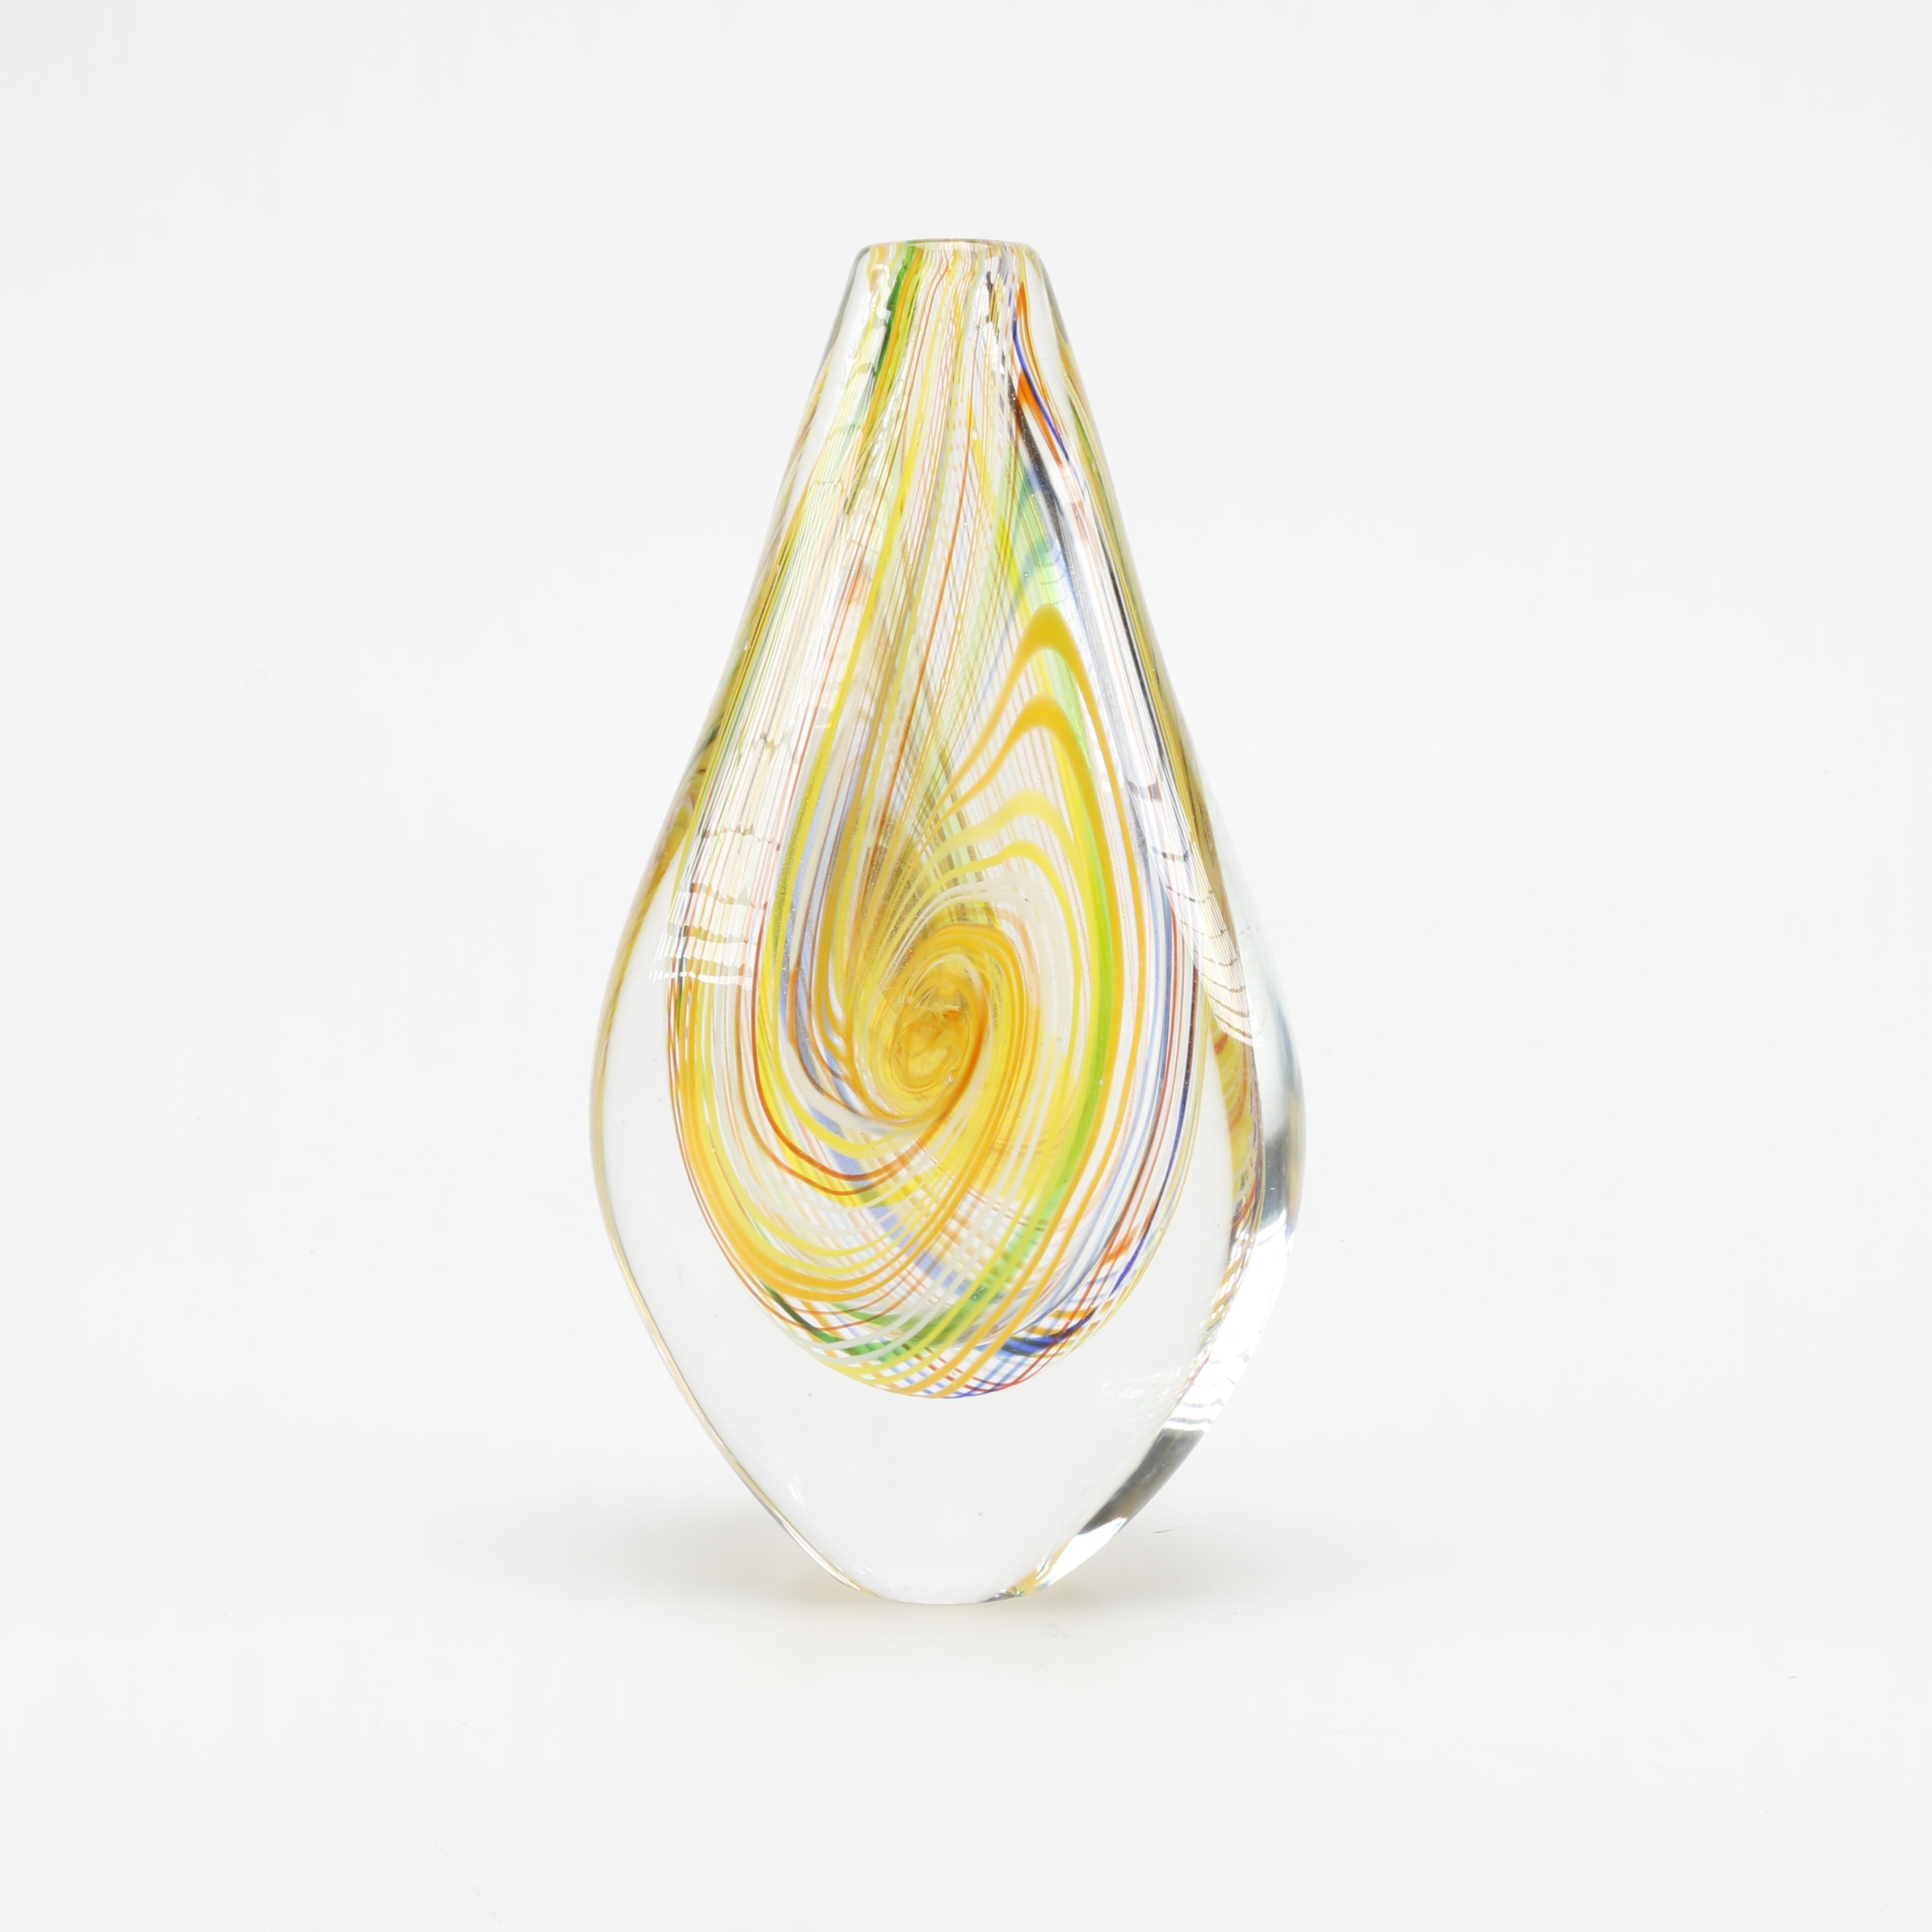 Hand-Blown Glass Vase